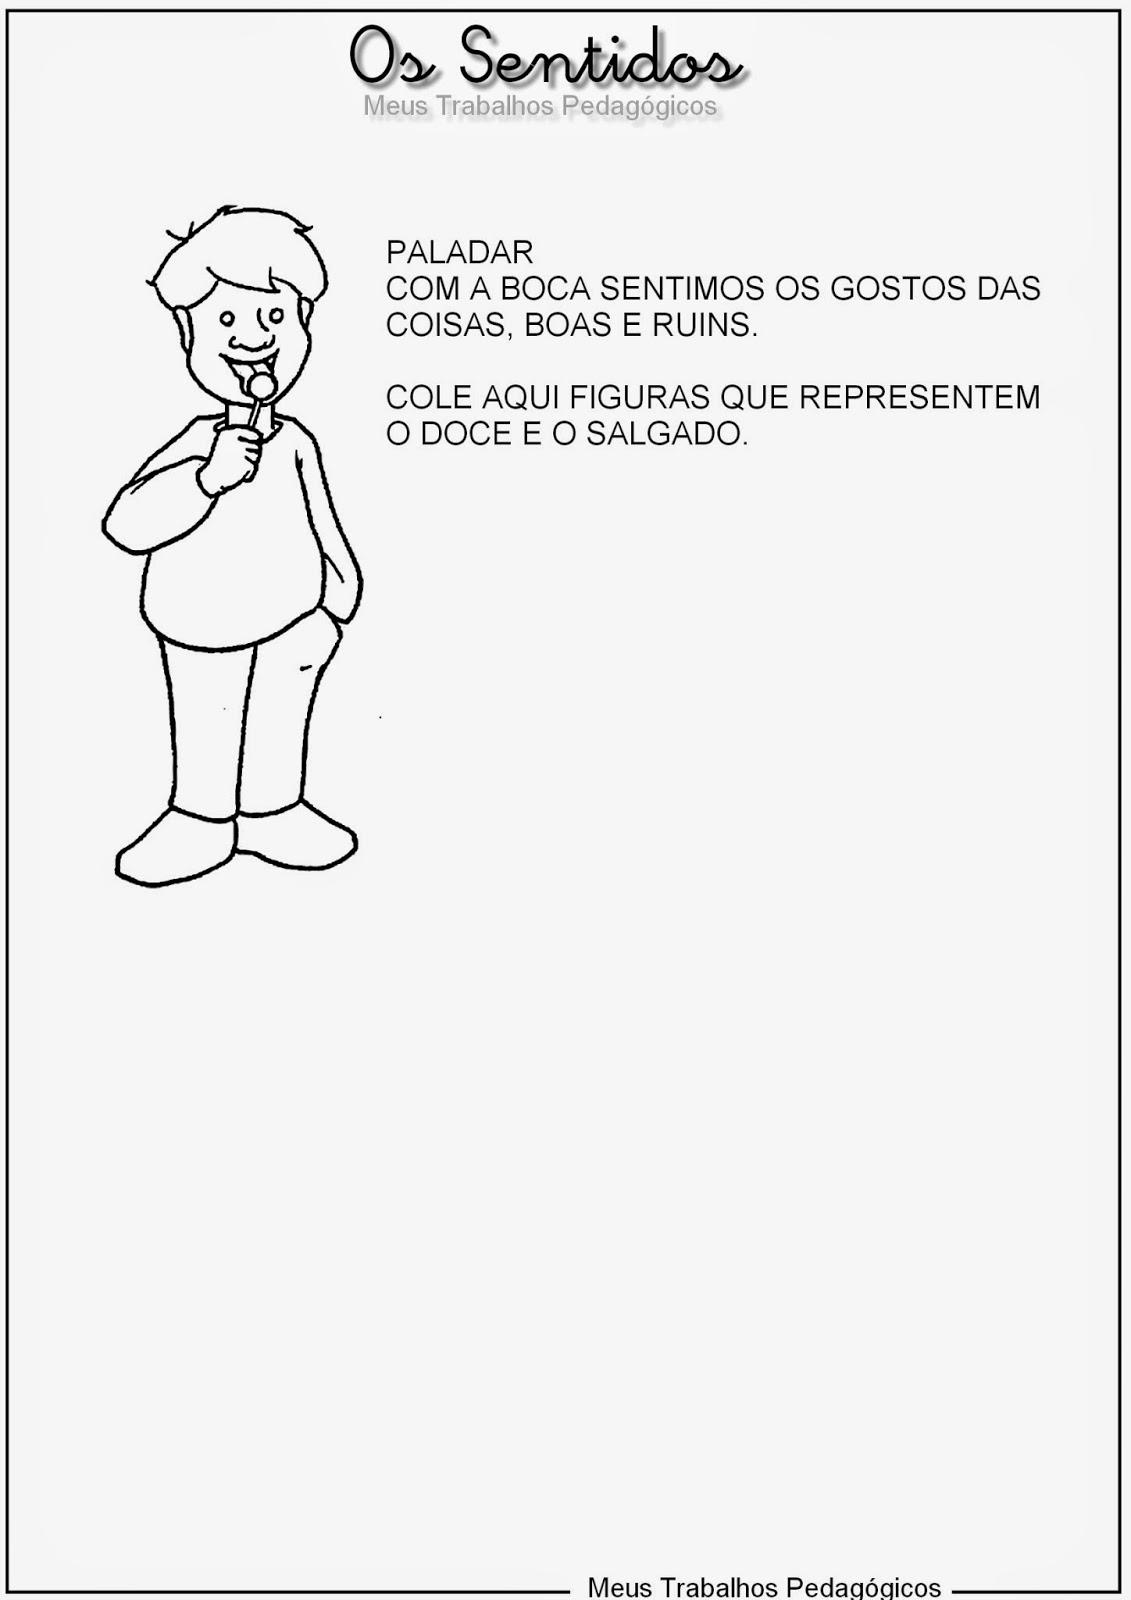 Populares Atividade sobre os 5 sentidos - Imprimir - Mundinho da Criança JM69